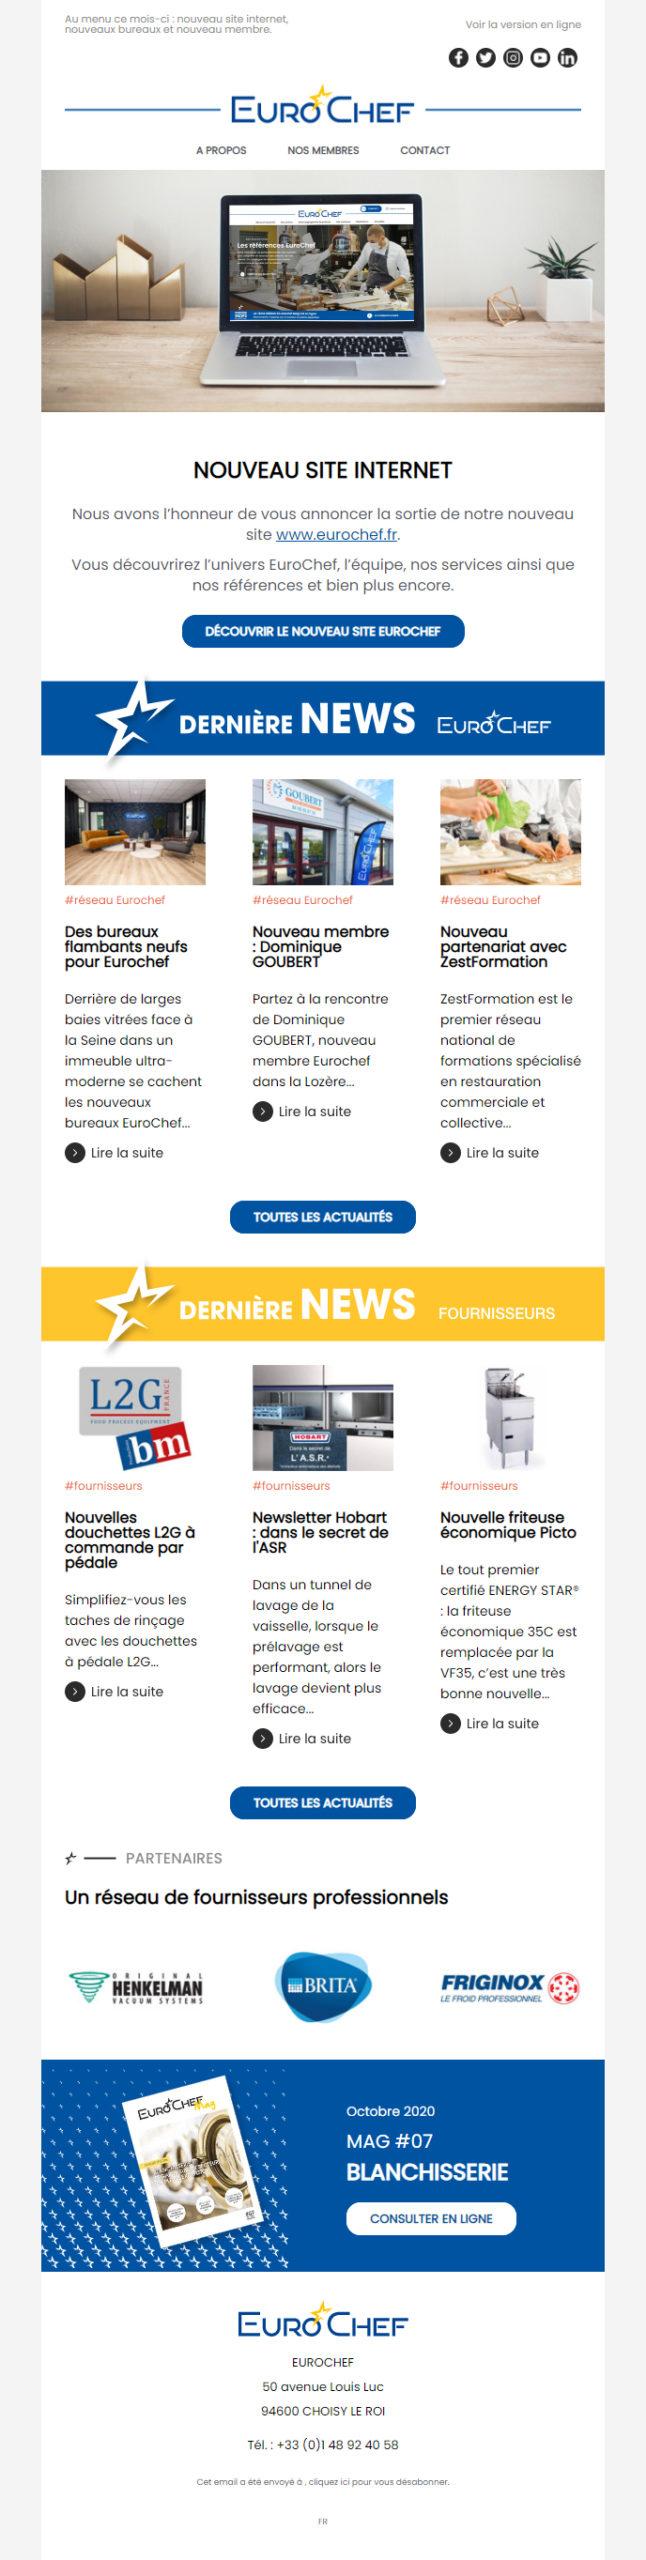 Création du template de la newsletter Eurochef